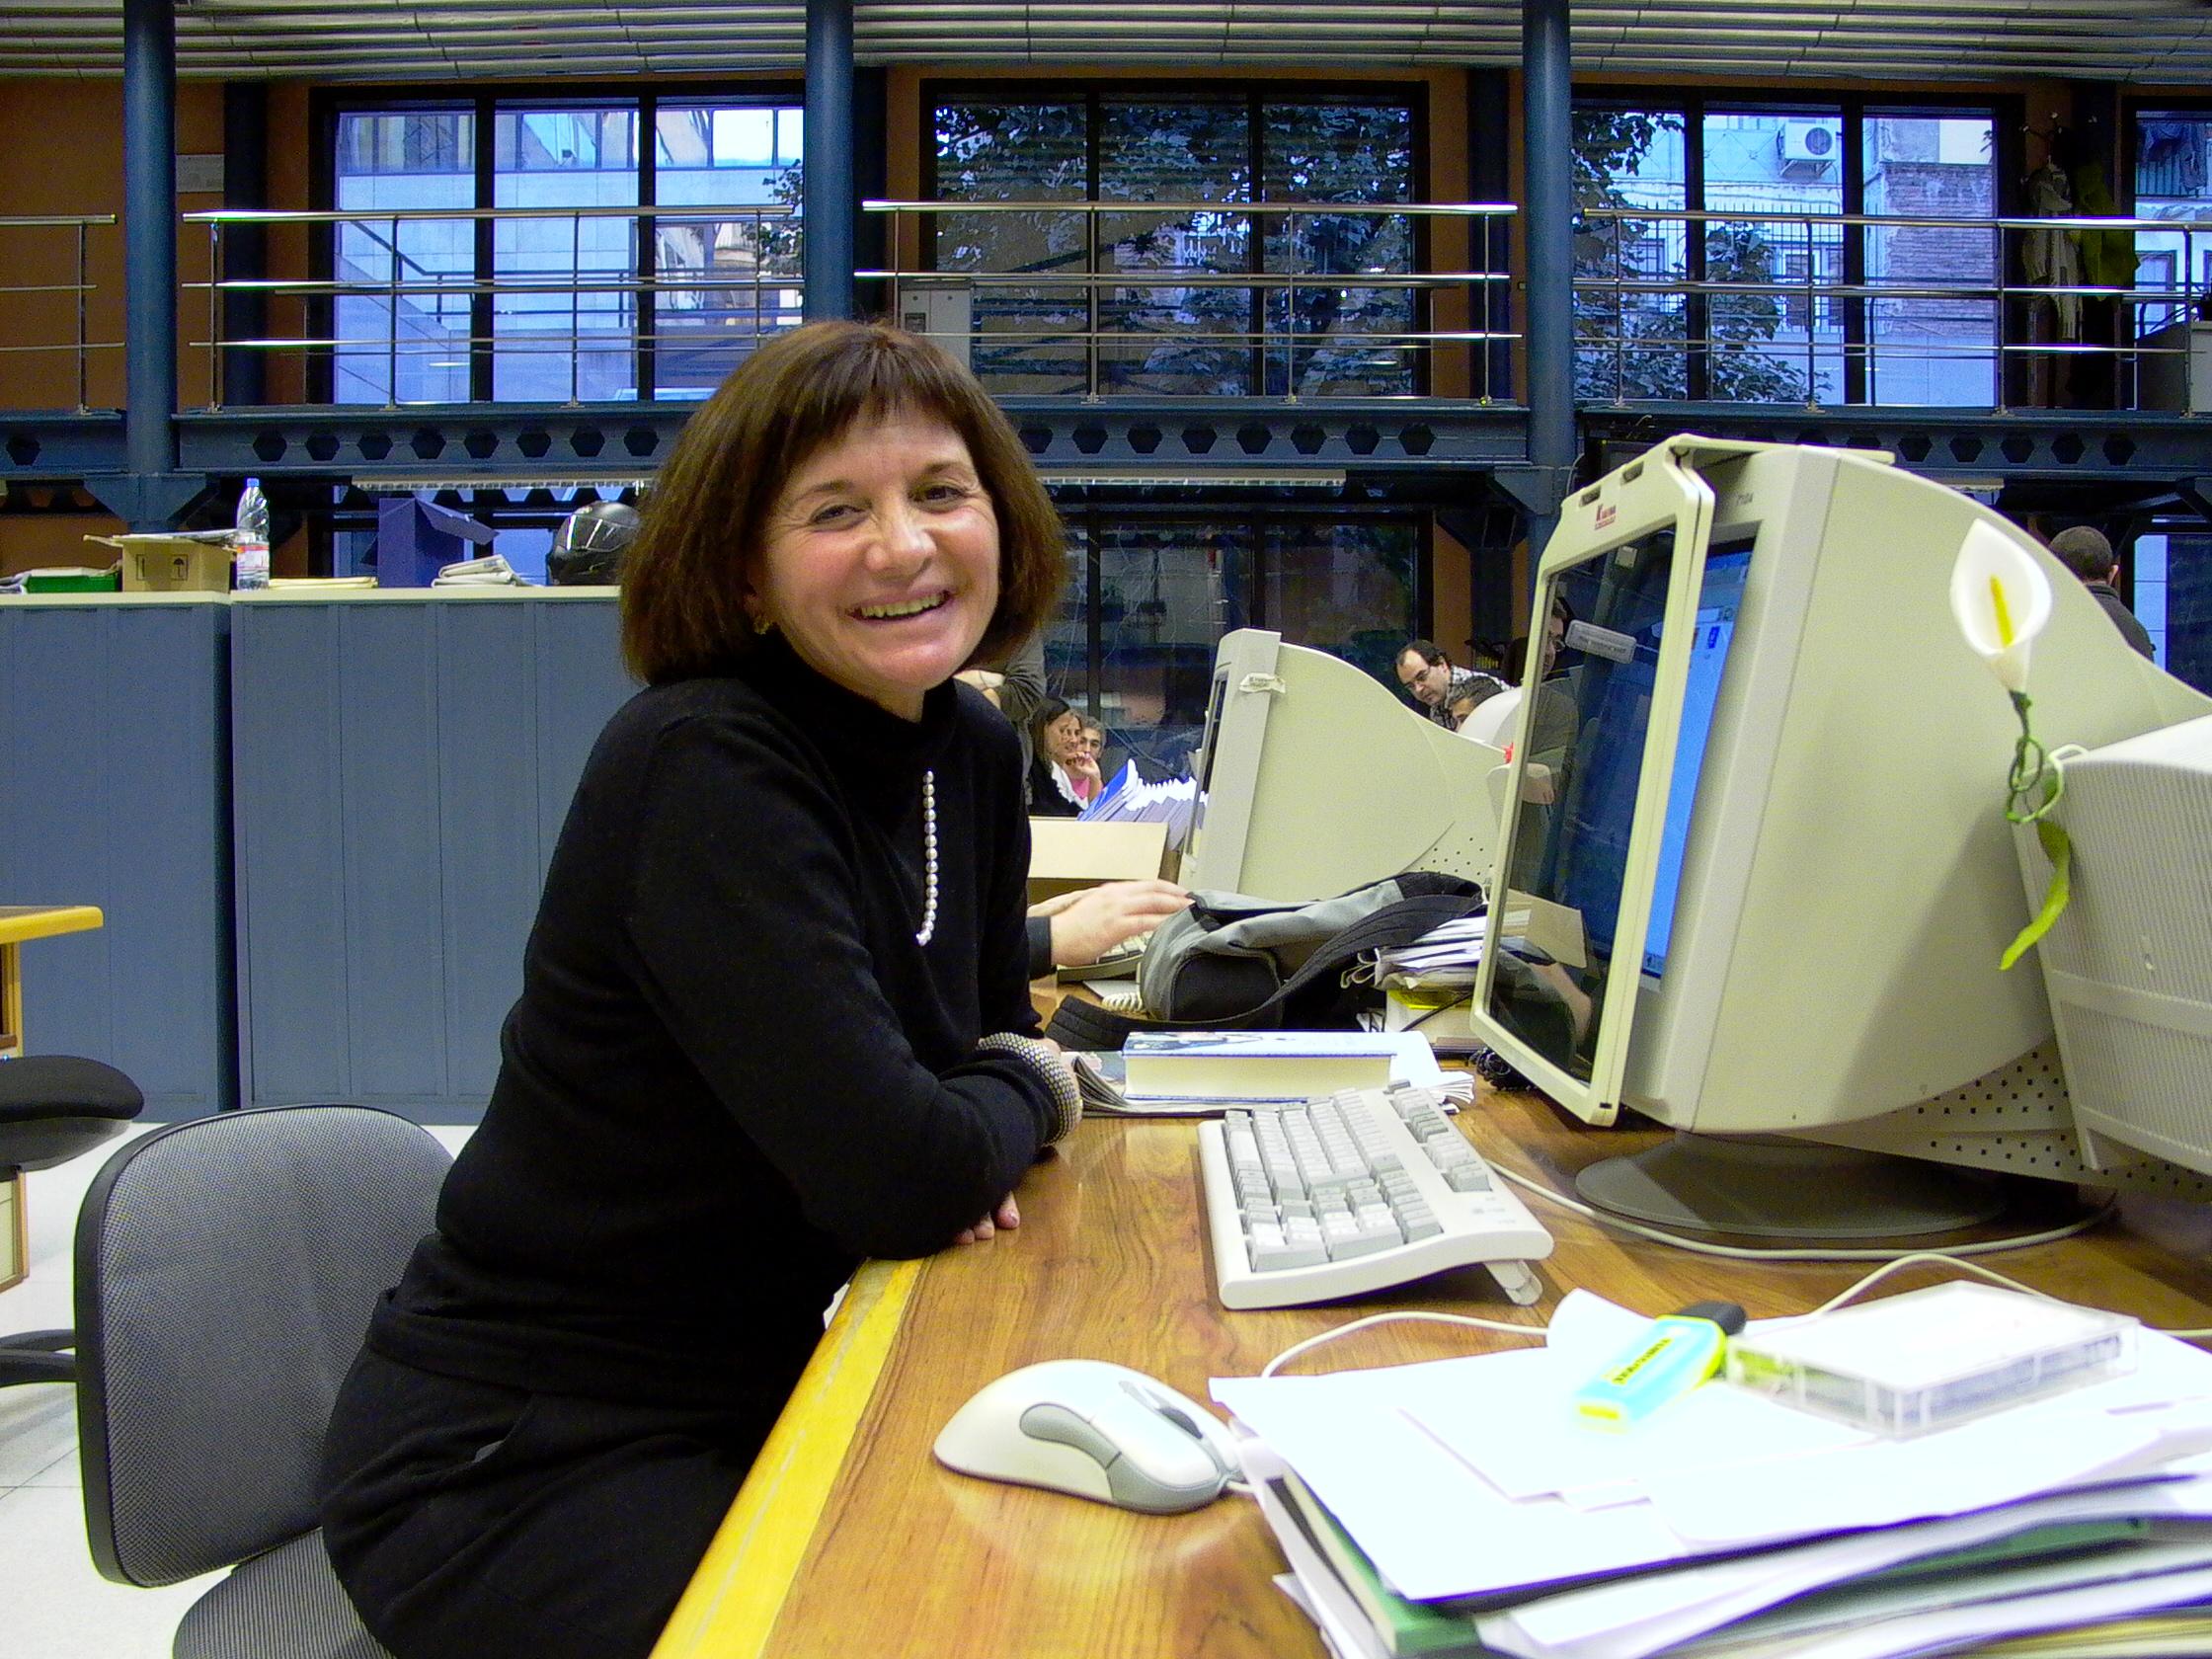 Na zdjęciu: Alicia Gimenez Bartlett (źródło: materiały prasowe organizatora).